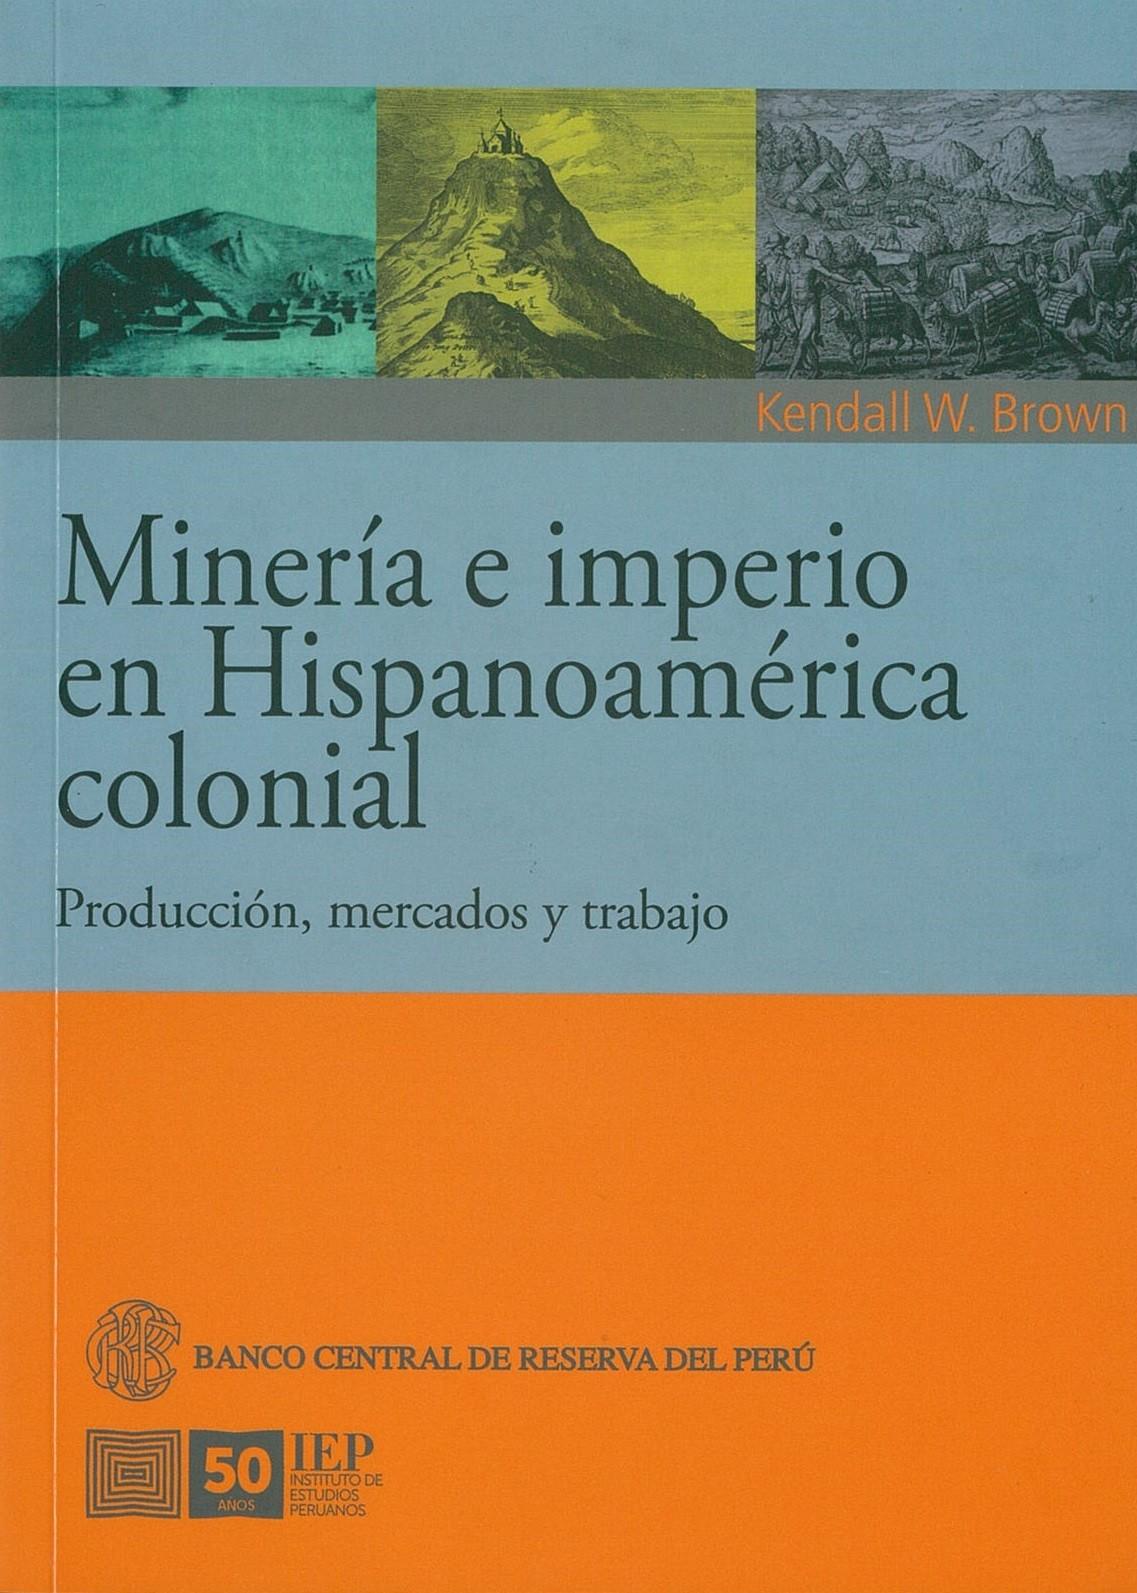 Minería e imperio en hispanoamérica colonial